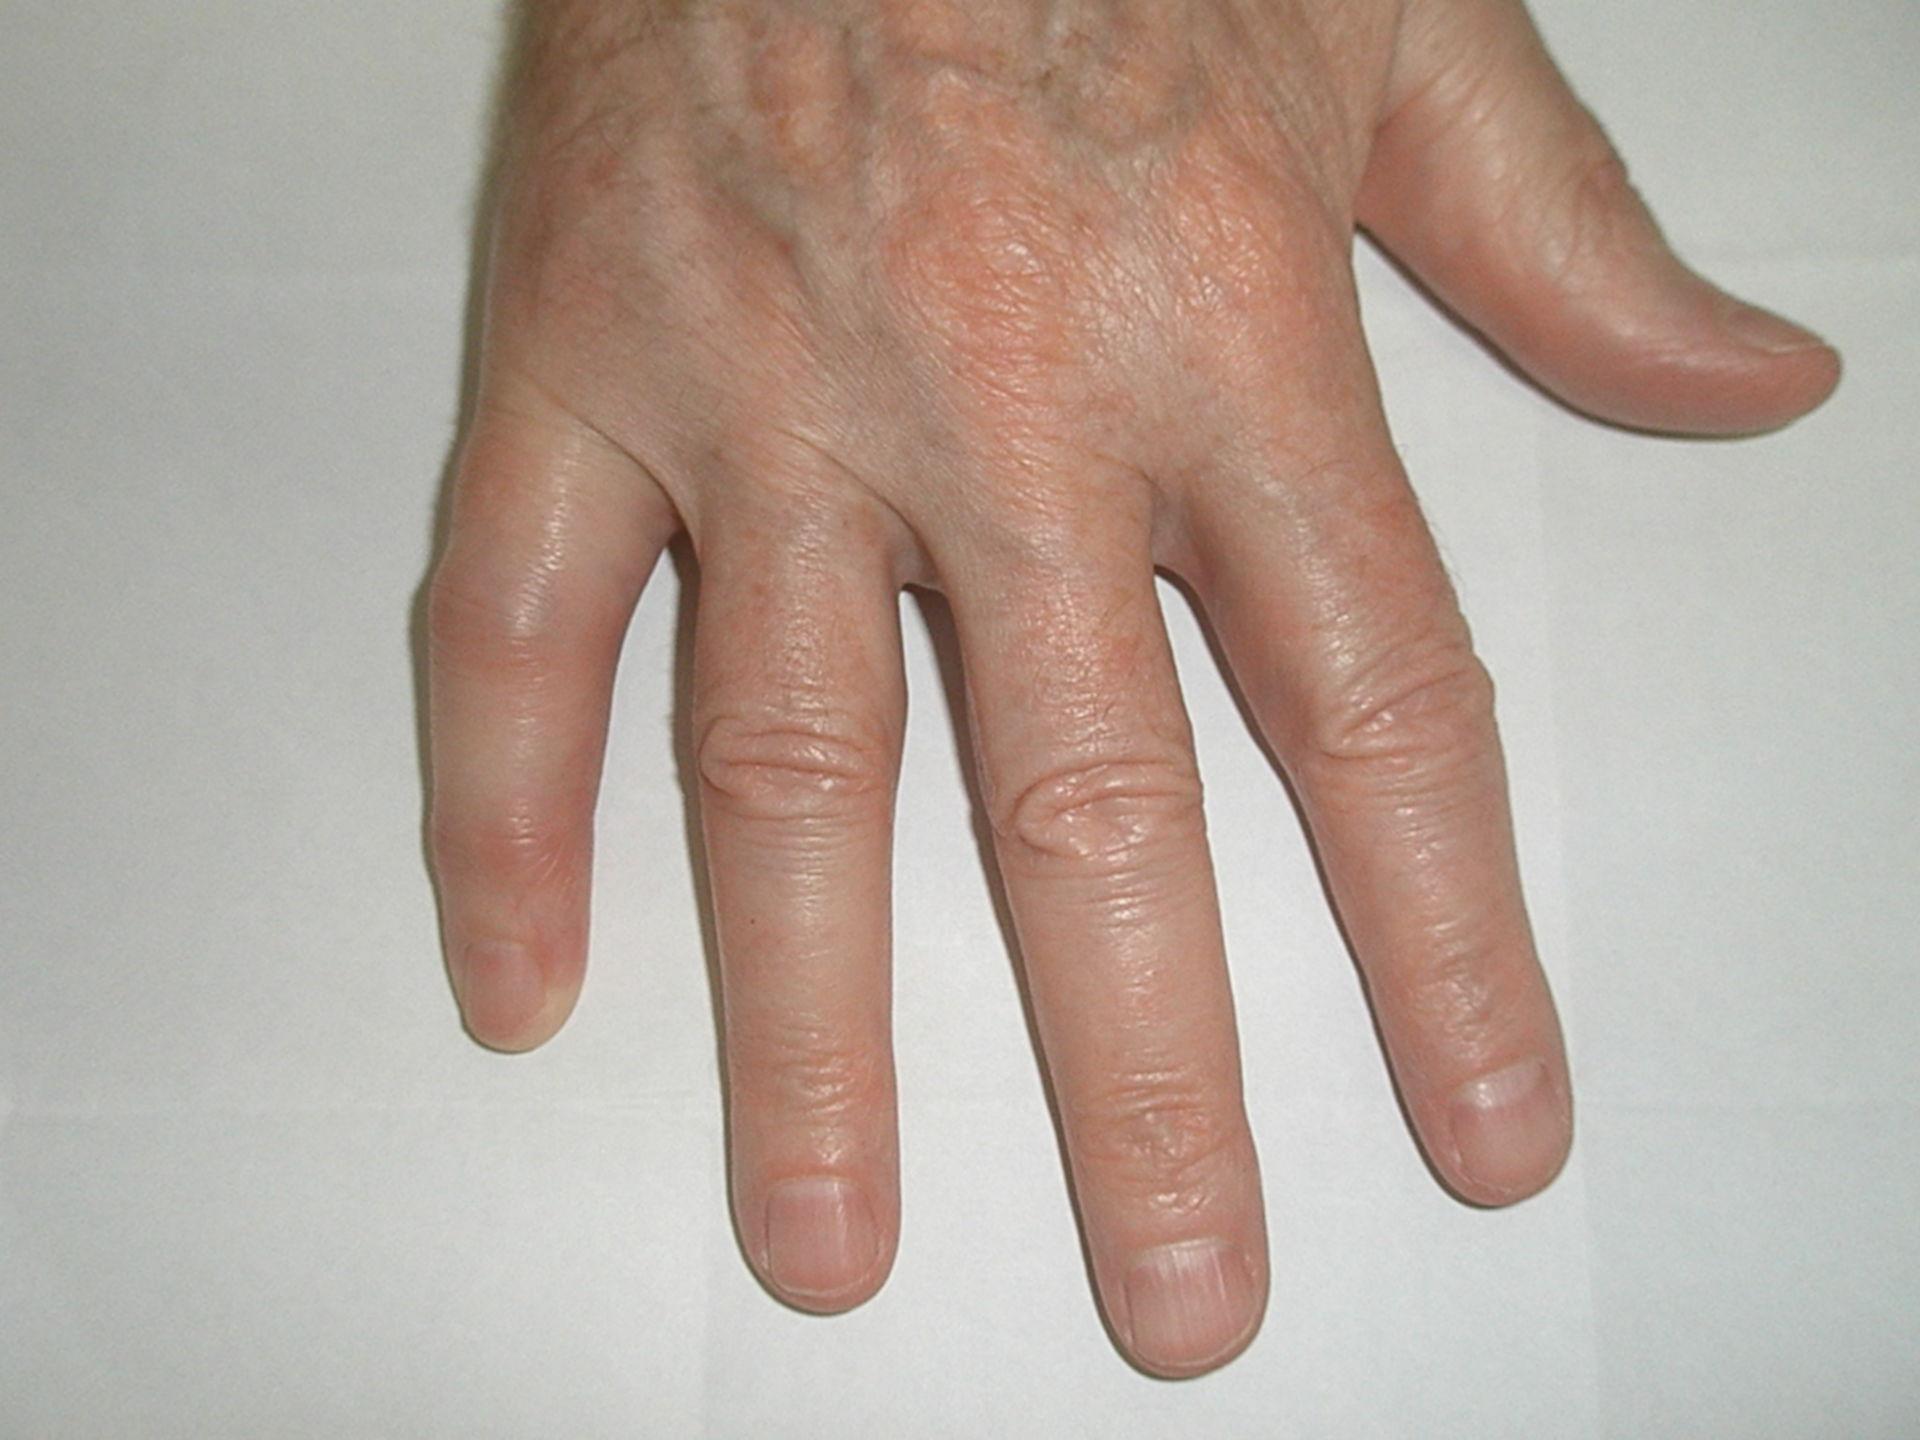 Daktylitis bei einem Patienten mit Psoriasis-Arthritis